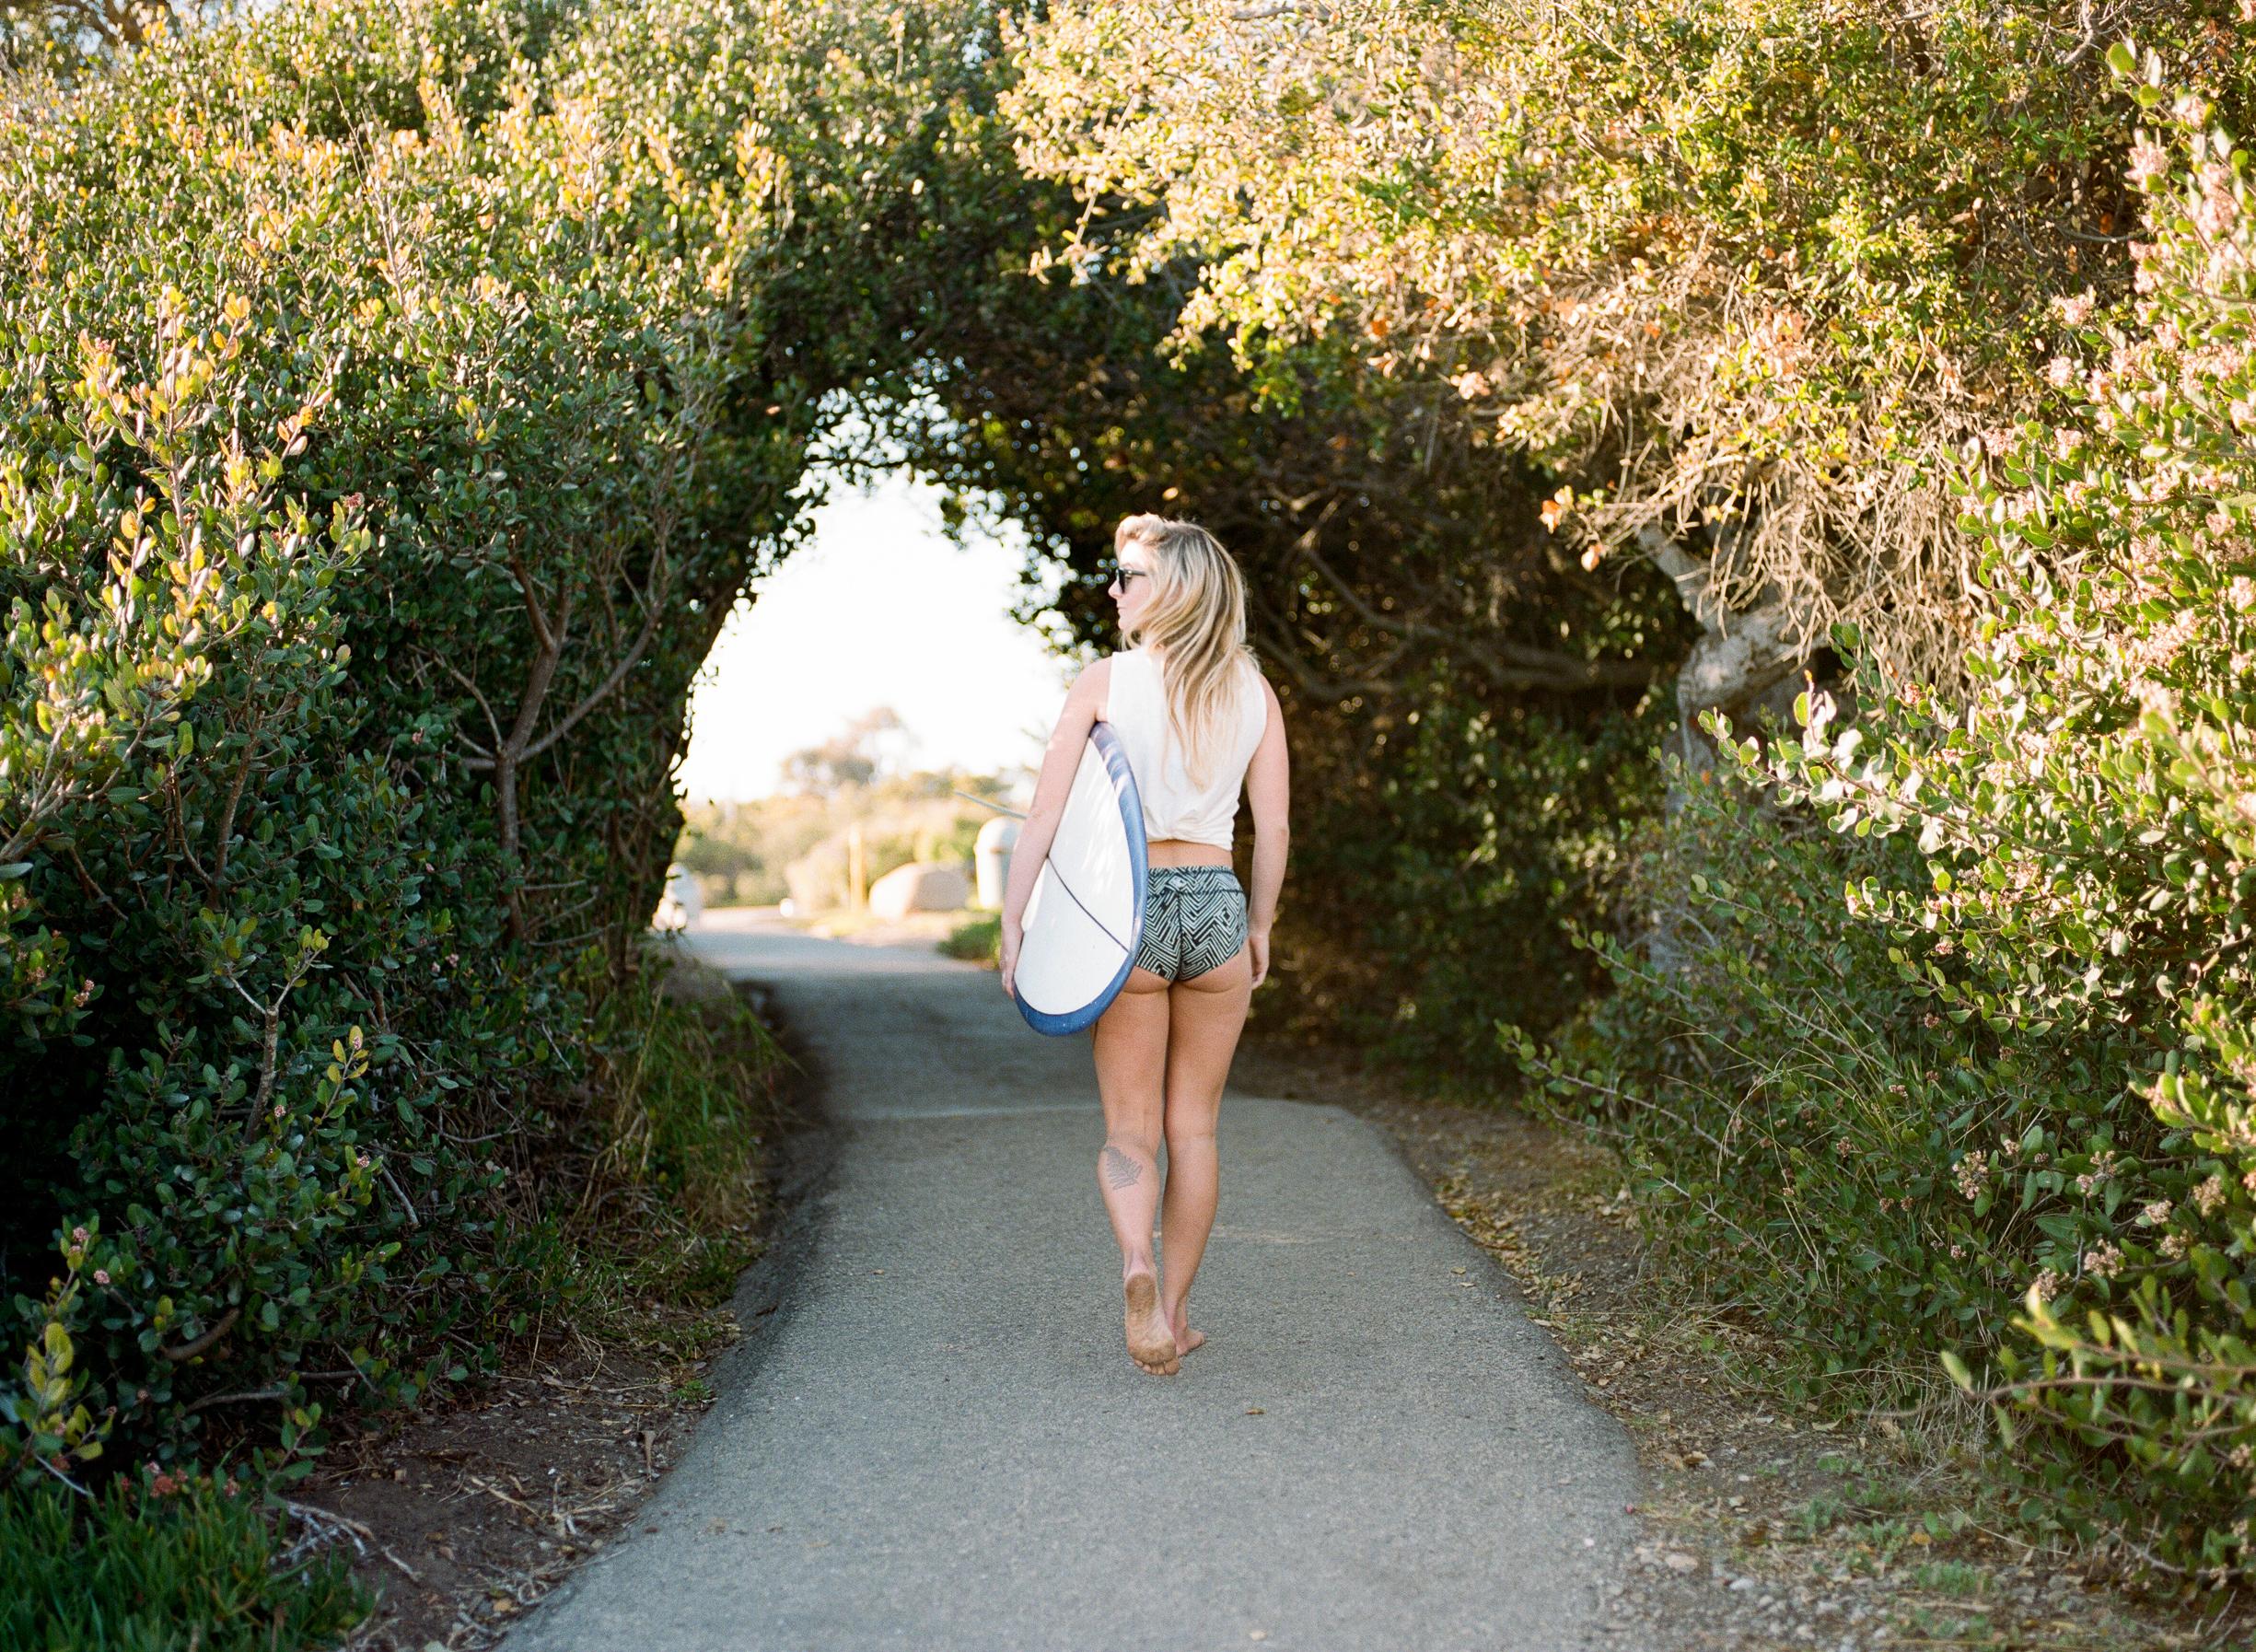 Cathlin McCullough surf lifestyle-24.jpg